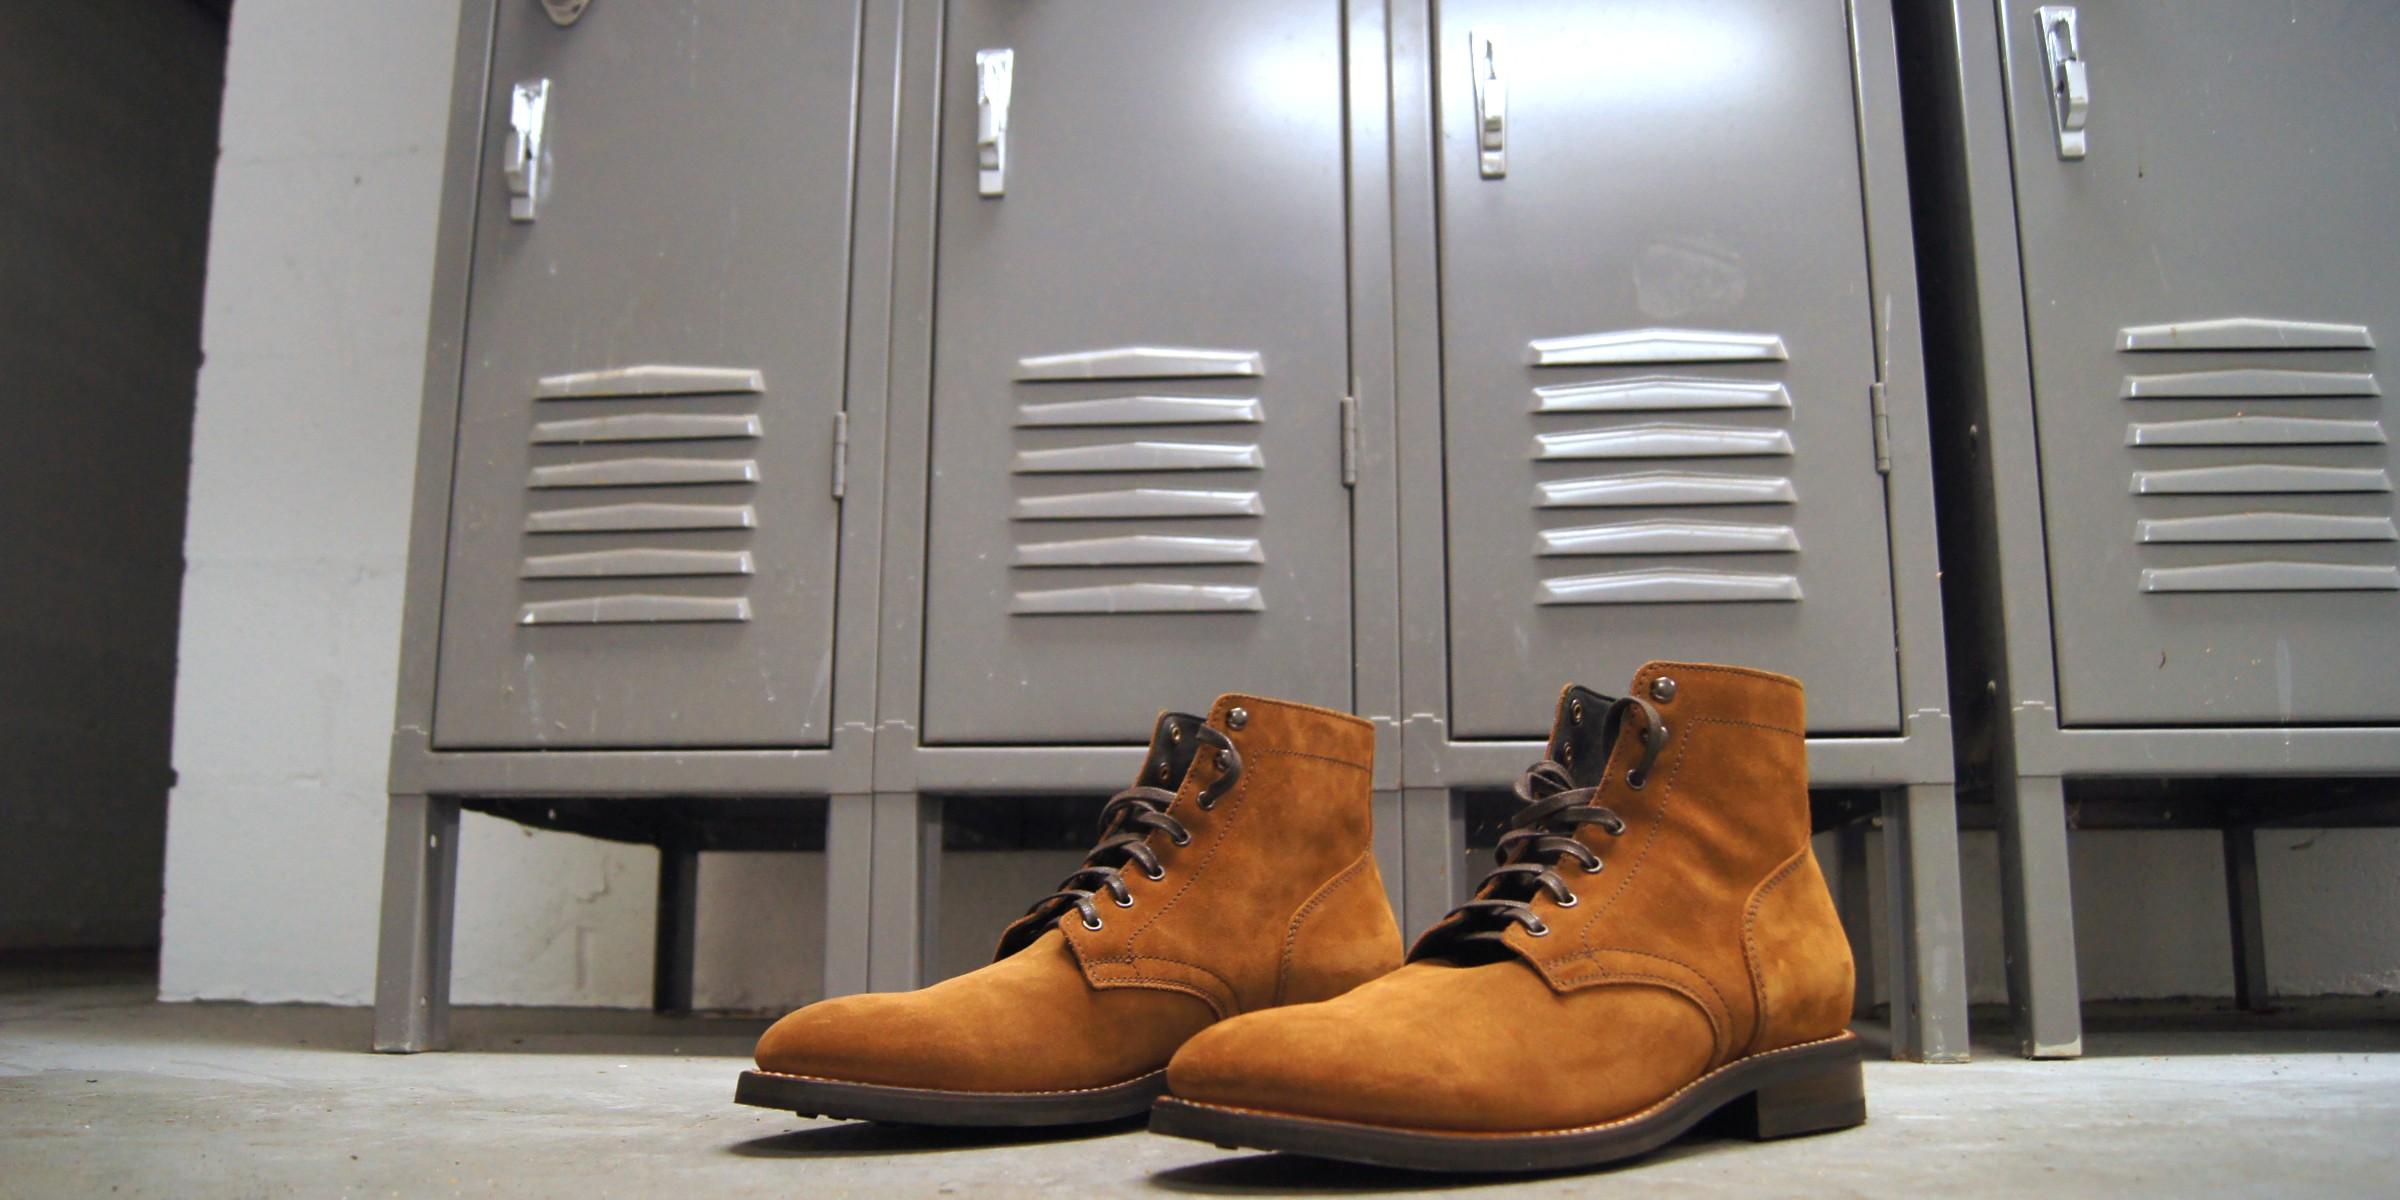 Review: Thursday Boot Co.'s President